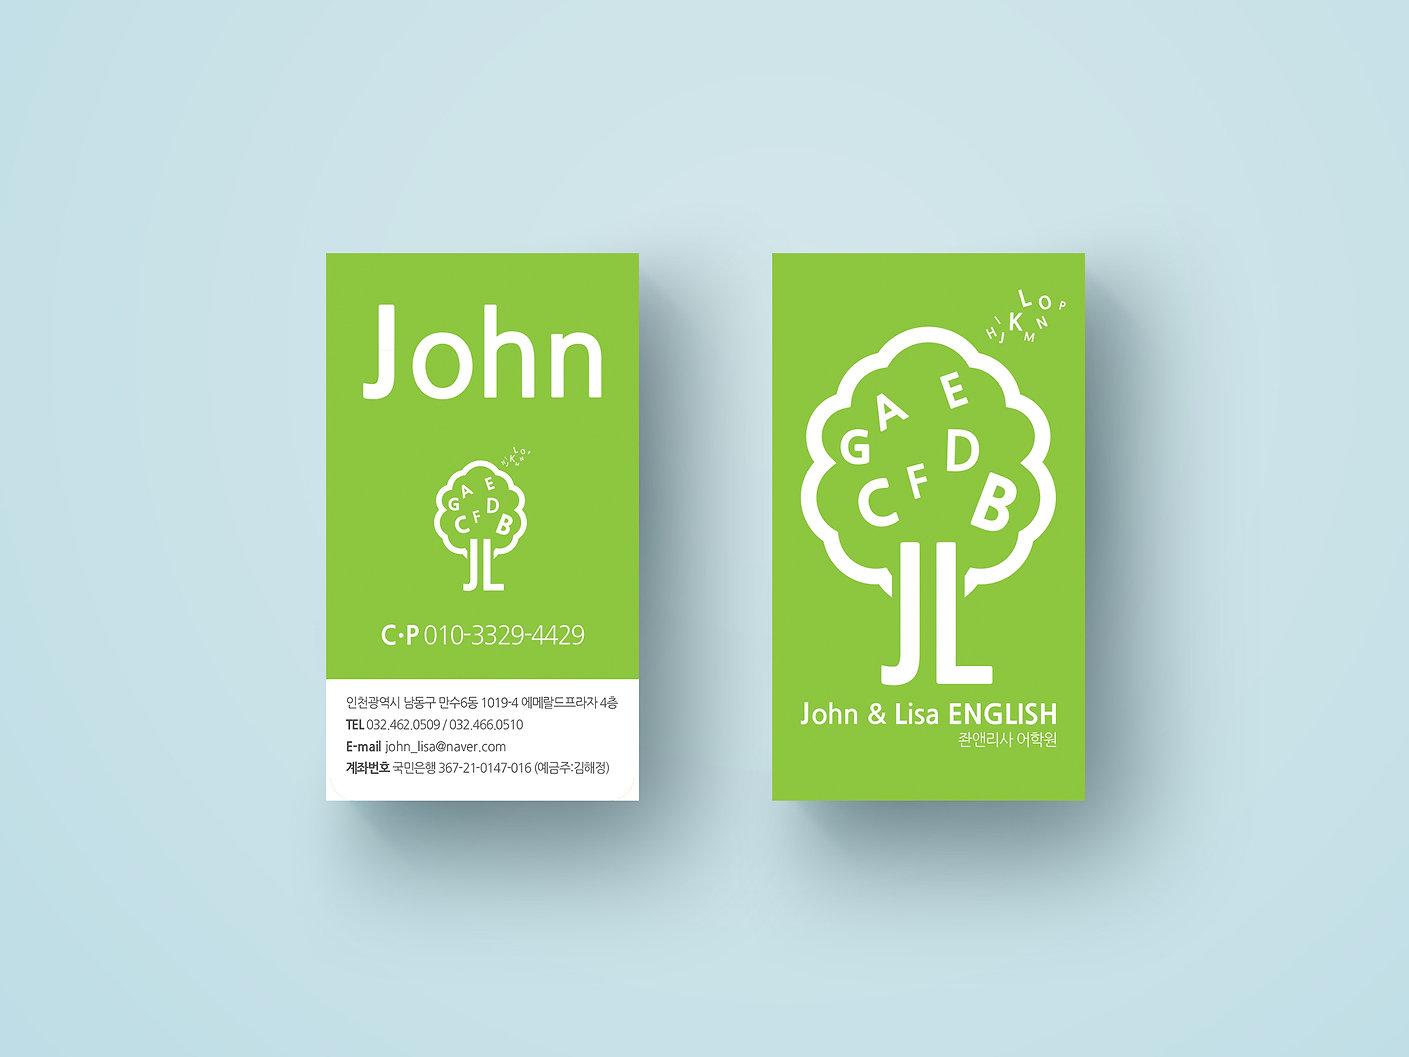 Jhon & Lisa English Academy-Name Card Design